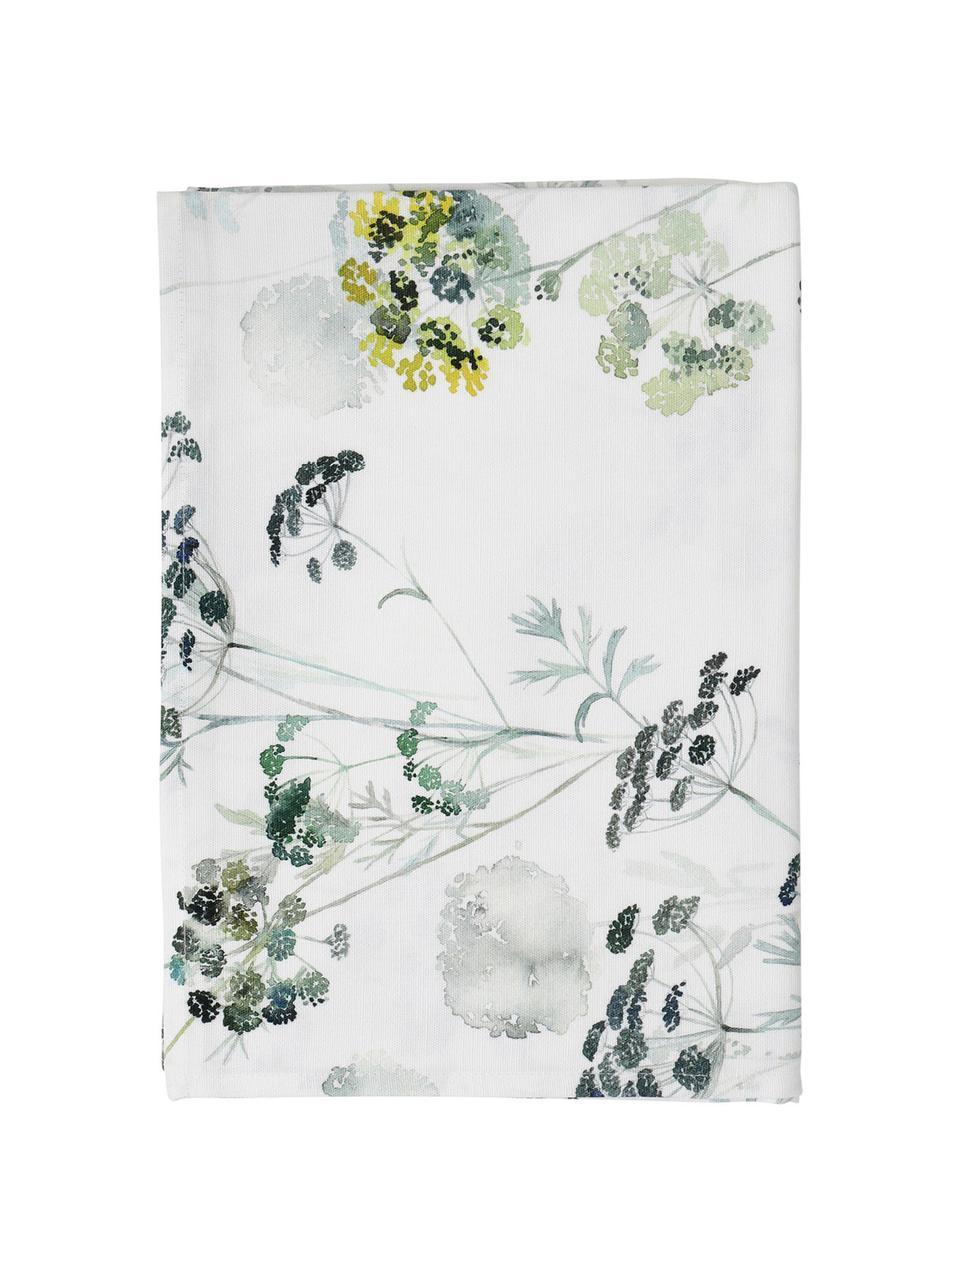 Katoenen tafelkleed Herbier met bloemmotief, Katoen, Wit, groen, Voor 6 - 8 personen (B 160 x L 260 cm)